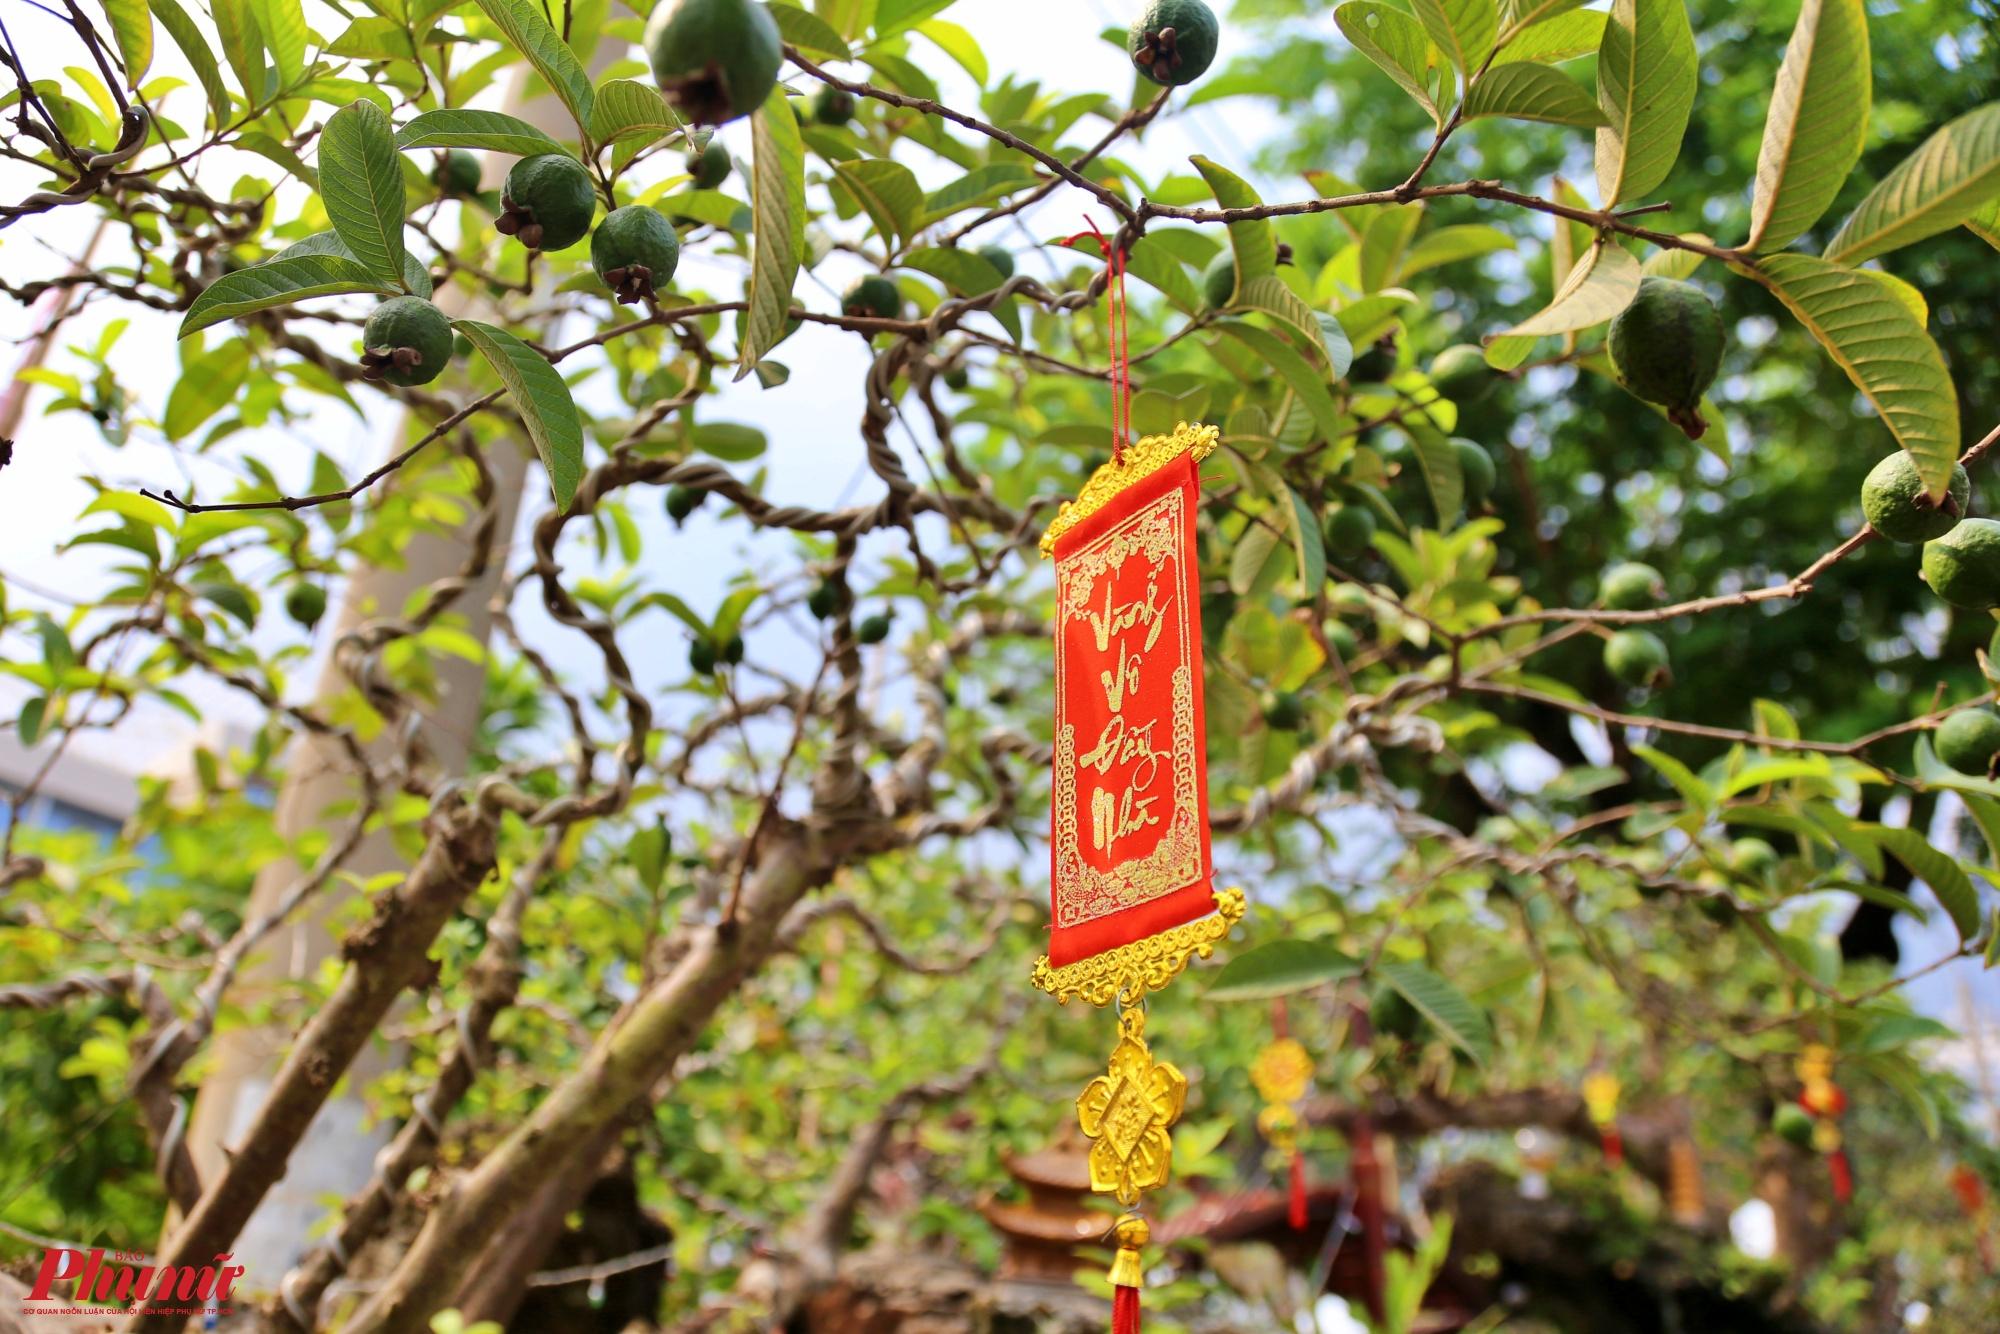 Thân cây được gắn thêm chữ thư pháp vàng vô đầy nhà với mong muốn chủ nhân sở hữu sẽ gặp nhiều may mắn và phát tài trong năm mới